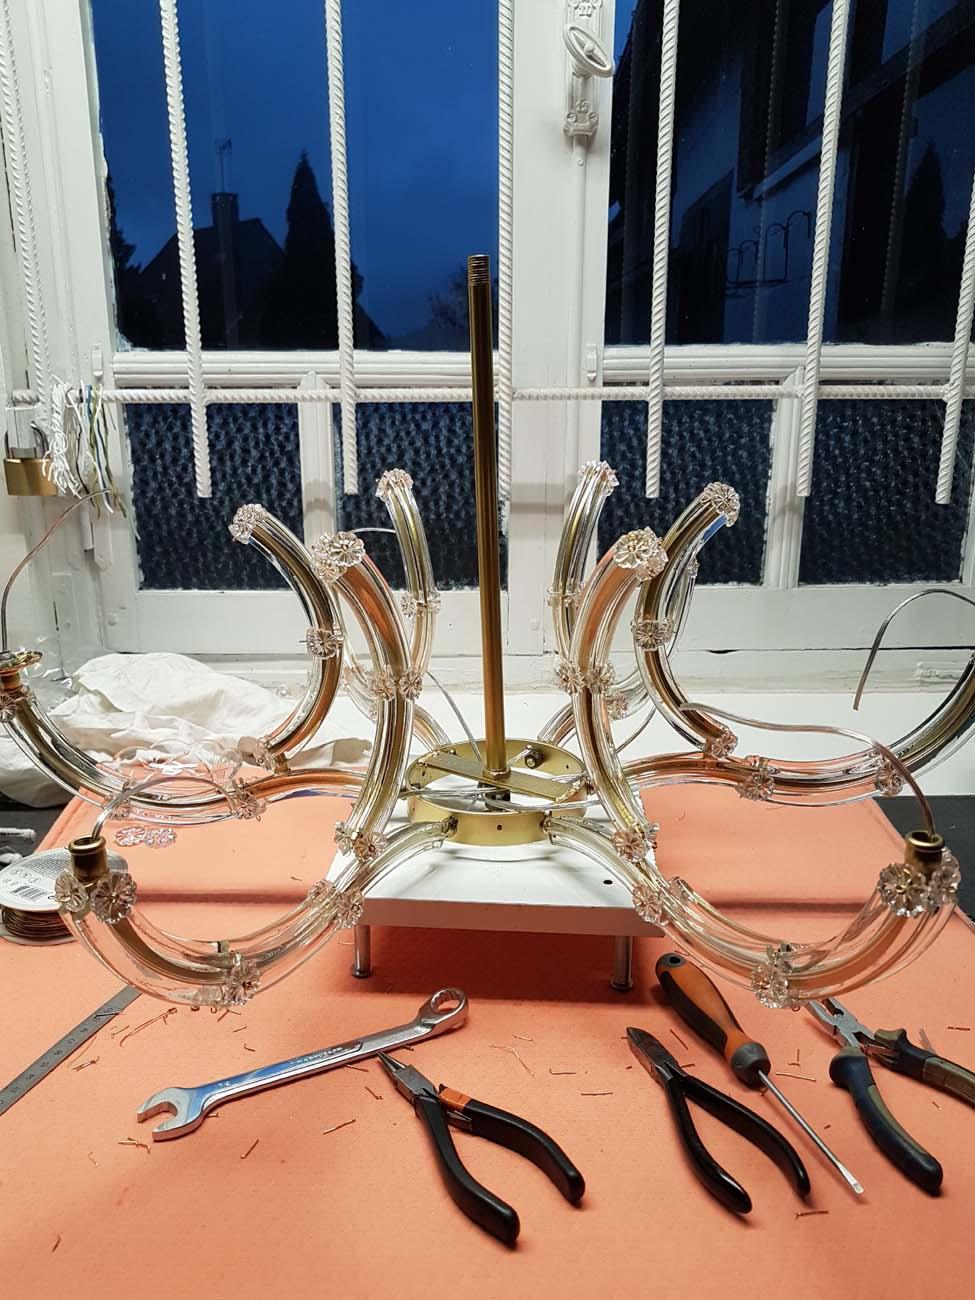 câblage-remontage-plaquettes-rosaces-lustre-marie-thérèse